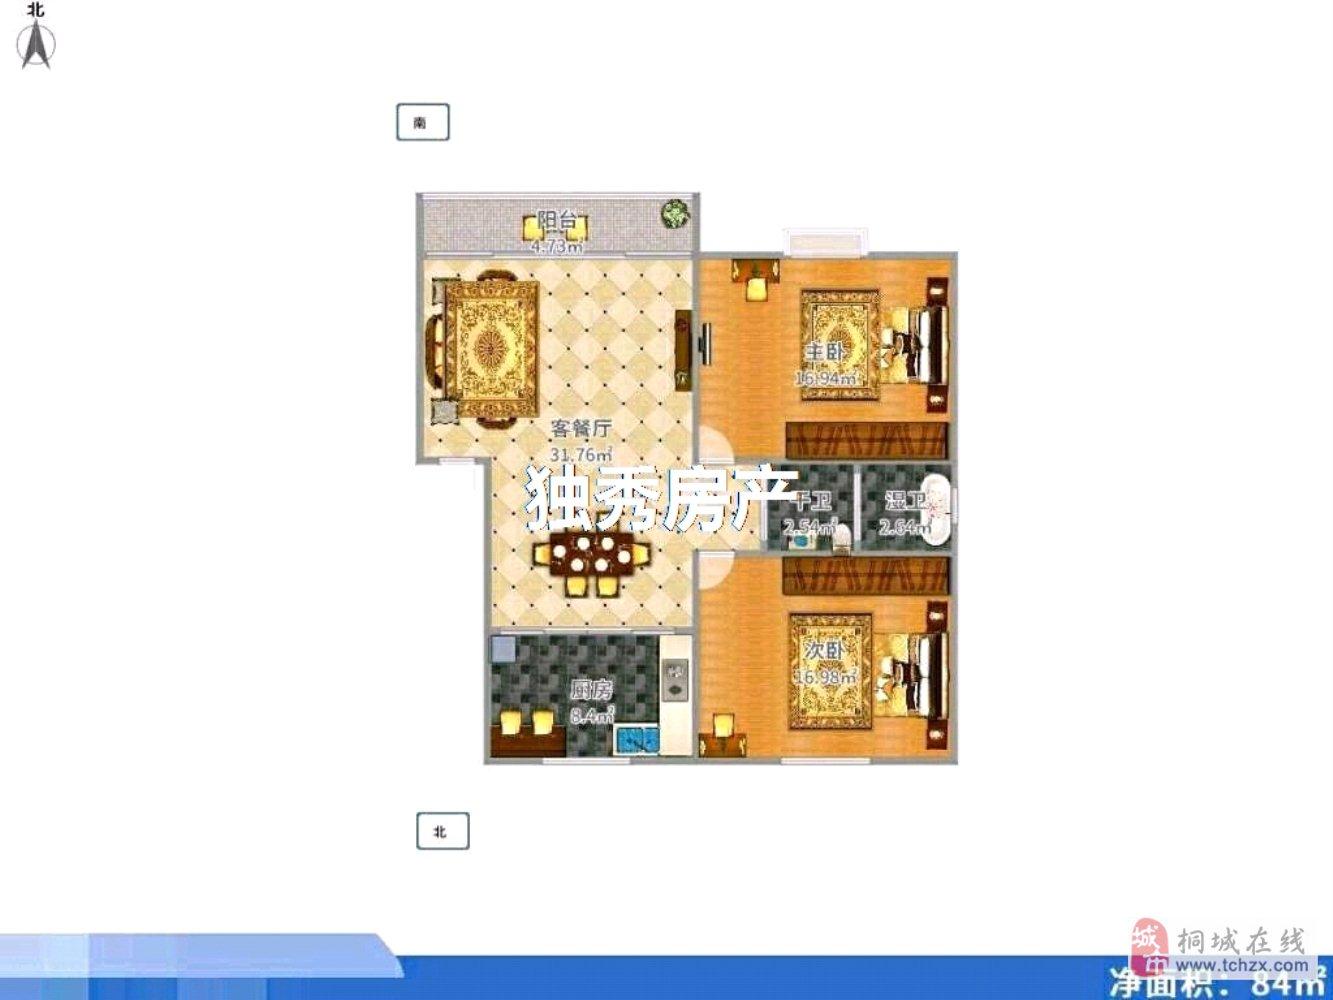 新东方世纪城2室2厅1卫56万元